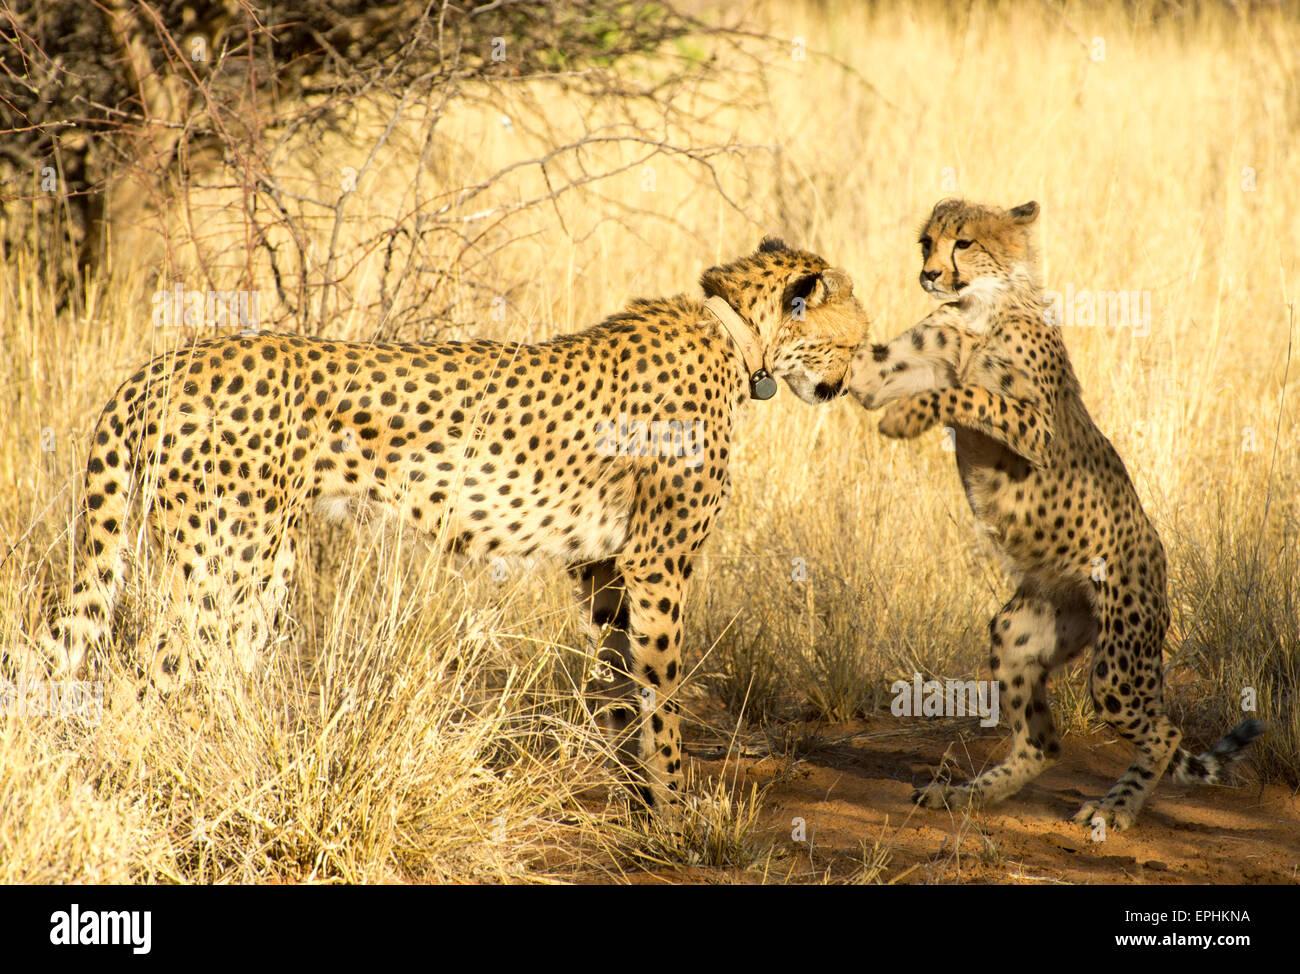 L'Afrique, la Namibie. Fondation AfriCat. Les jeunes cheetah jouer avec mère Guépard. Photo Stock